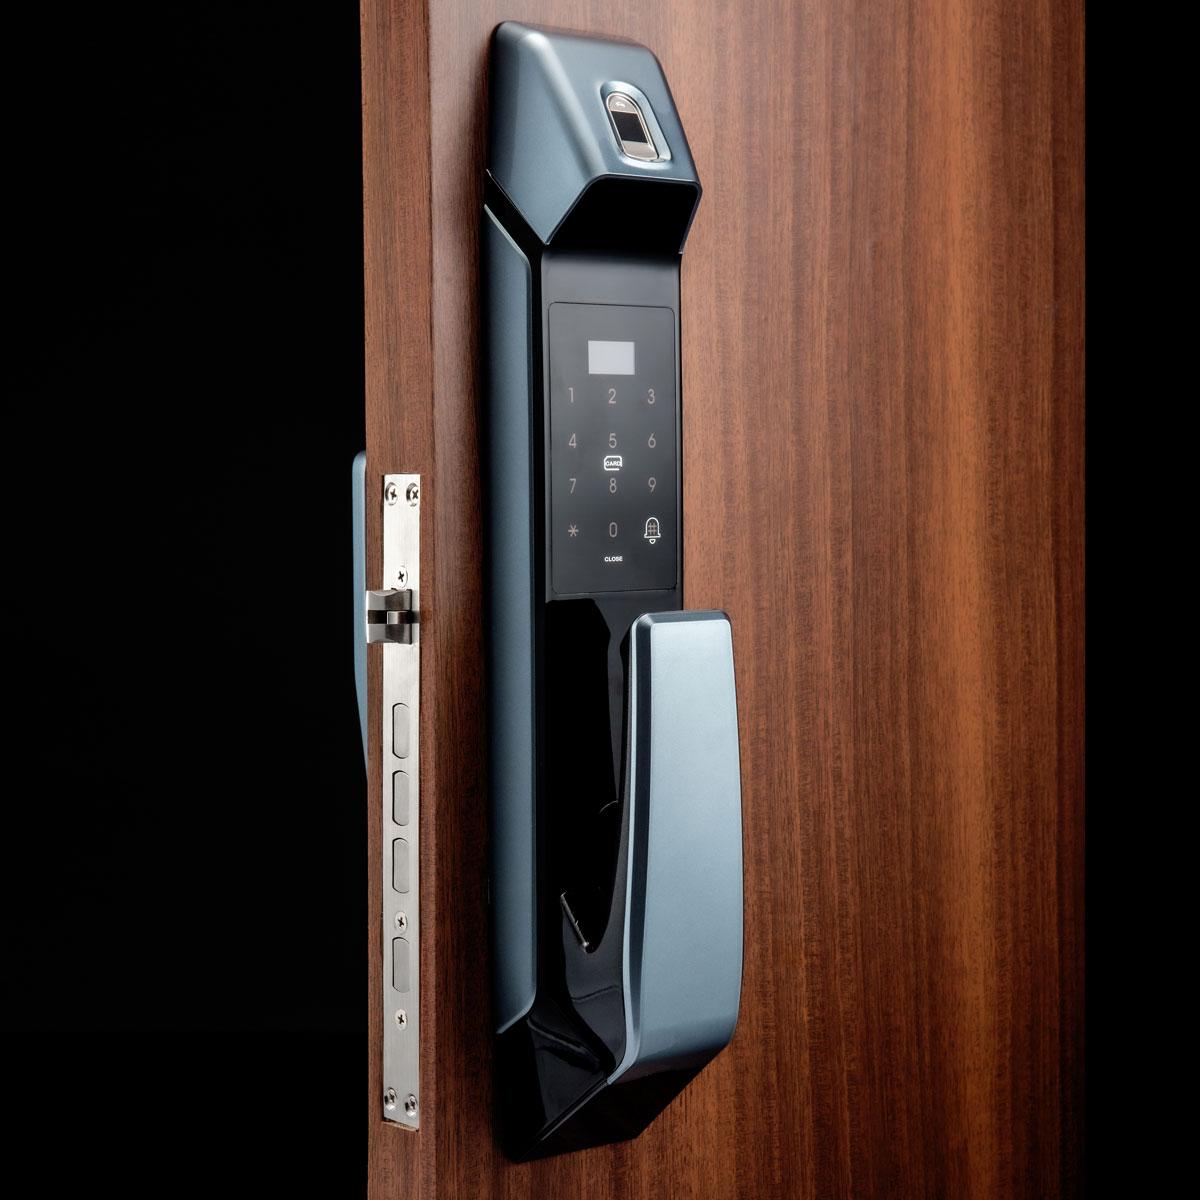 Terncy announces HomeKit Smart Lock